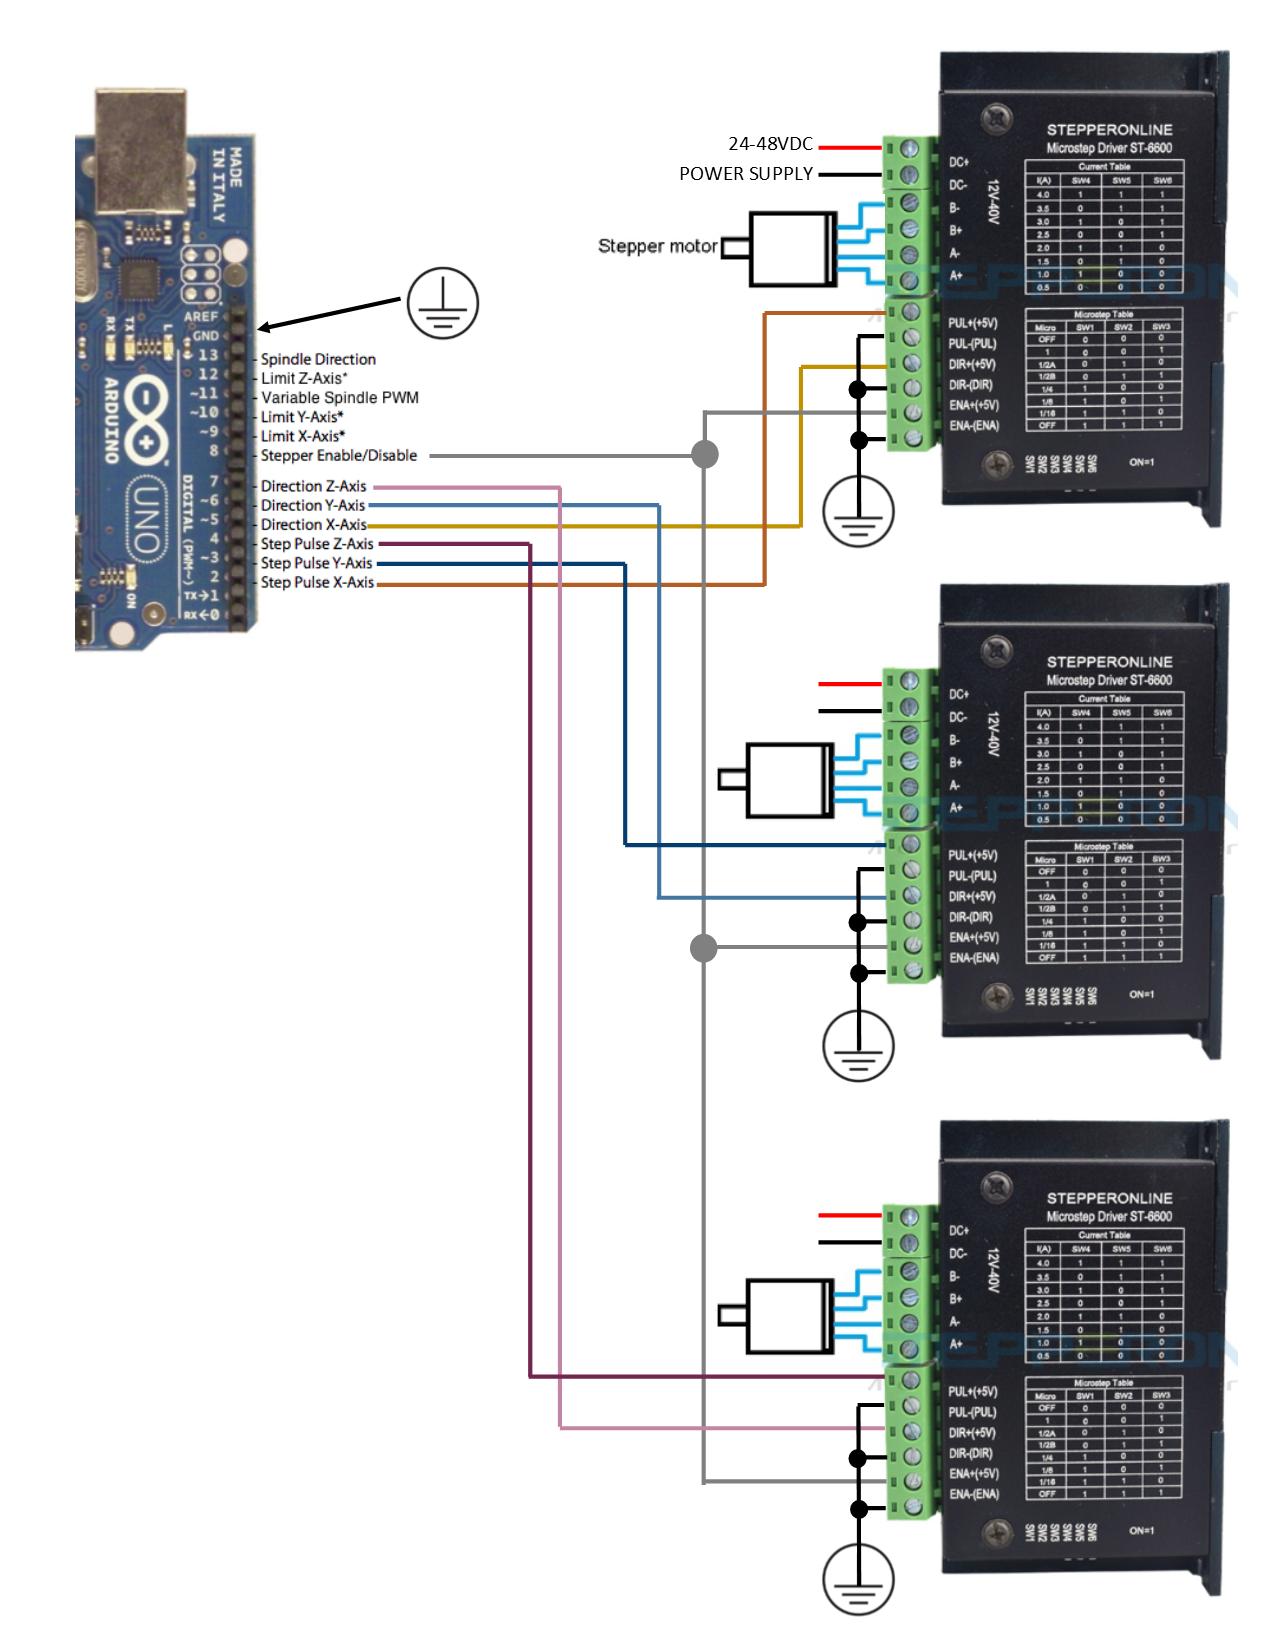 cnc router wiring diagram 2006 nissan titan parts resultado de imagem para grbl slave